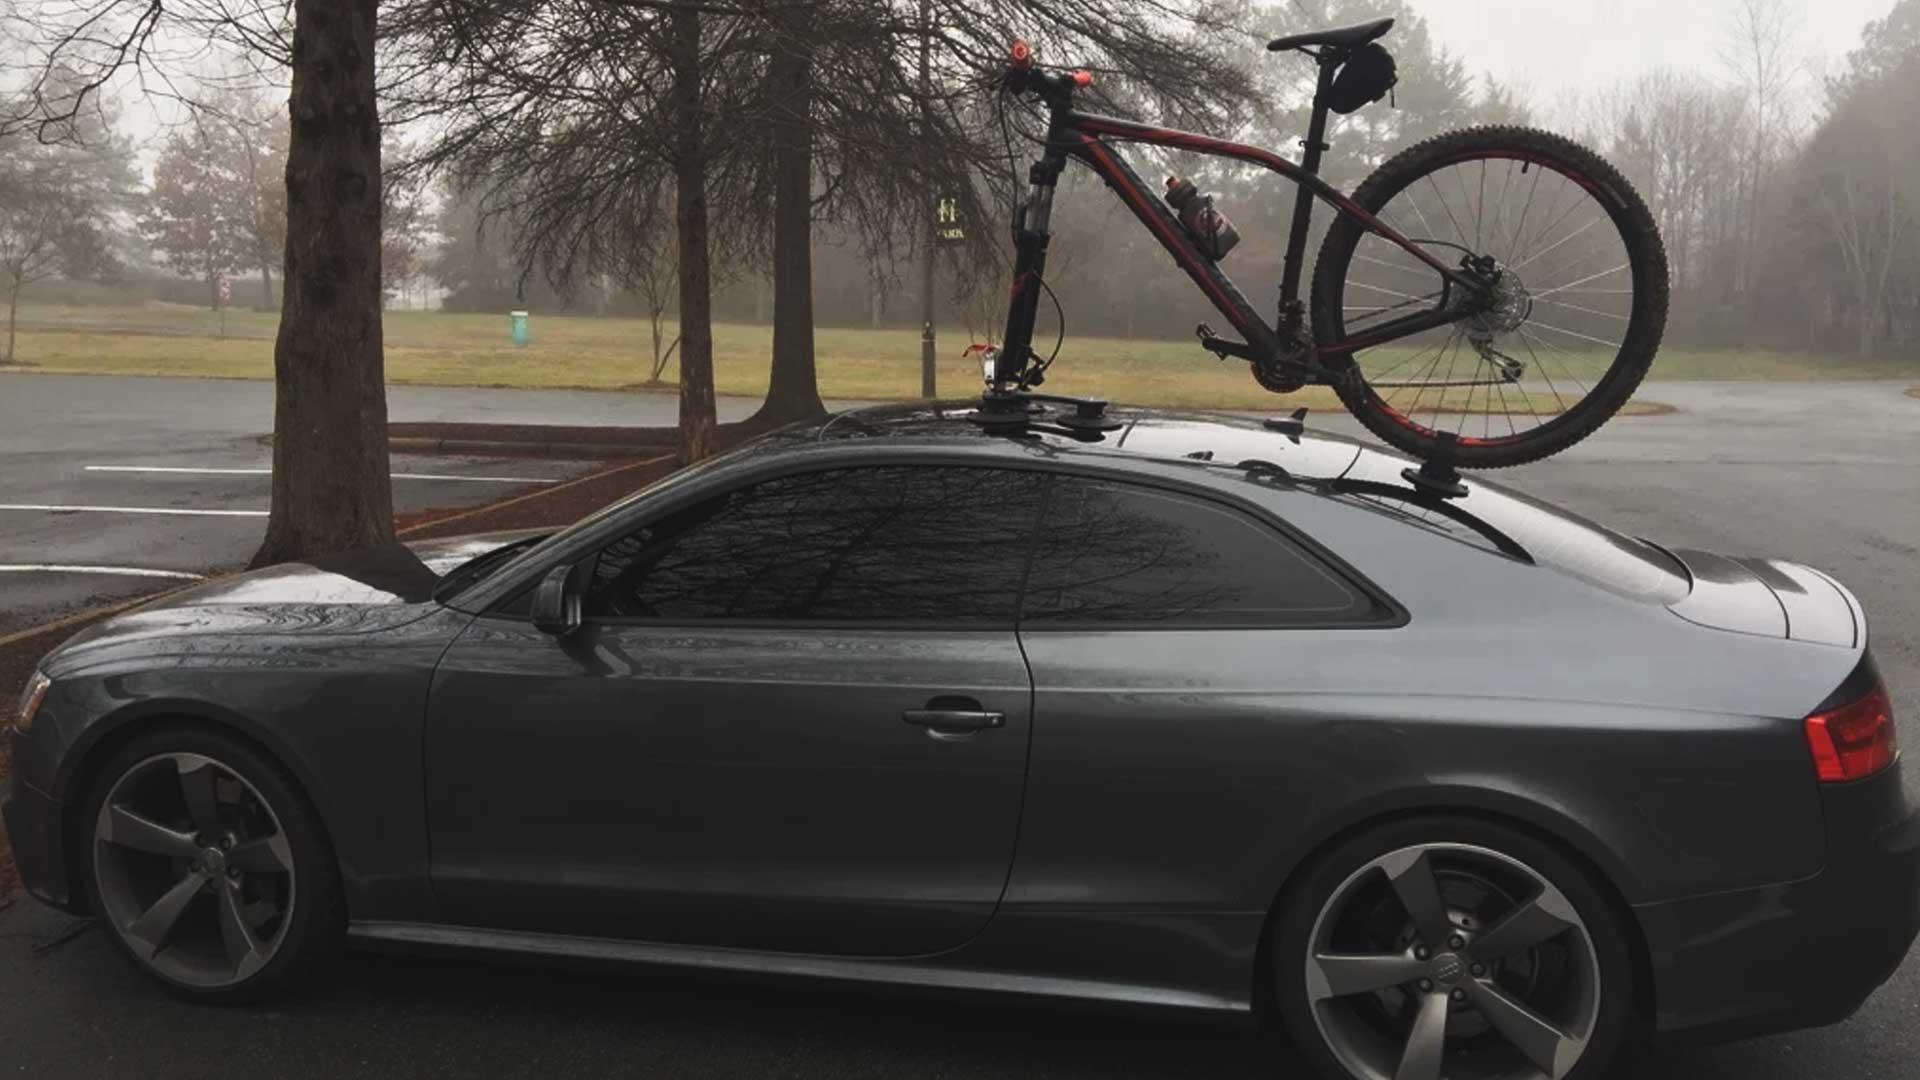 audi a5 bike rack